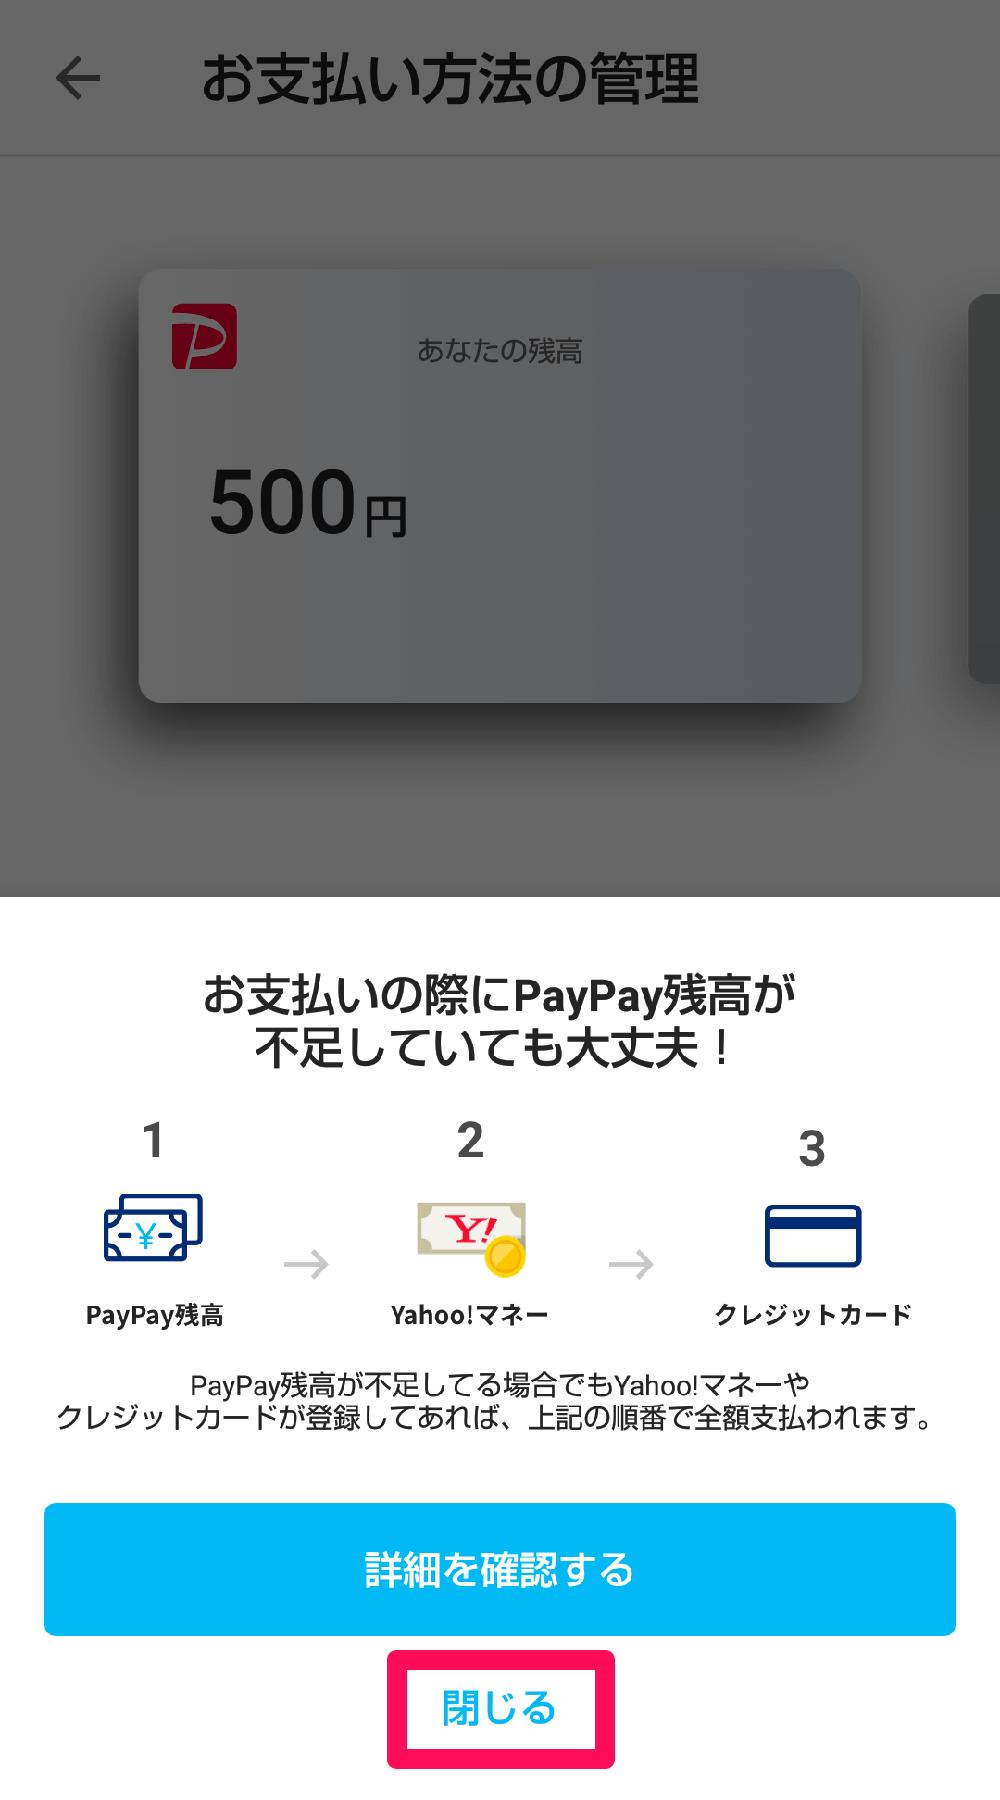 PayPayアプリ(ペイペイアプリ)にクレジットカードが登録され、閉じるボタンが表示されている画面